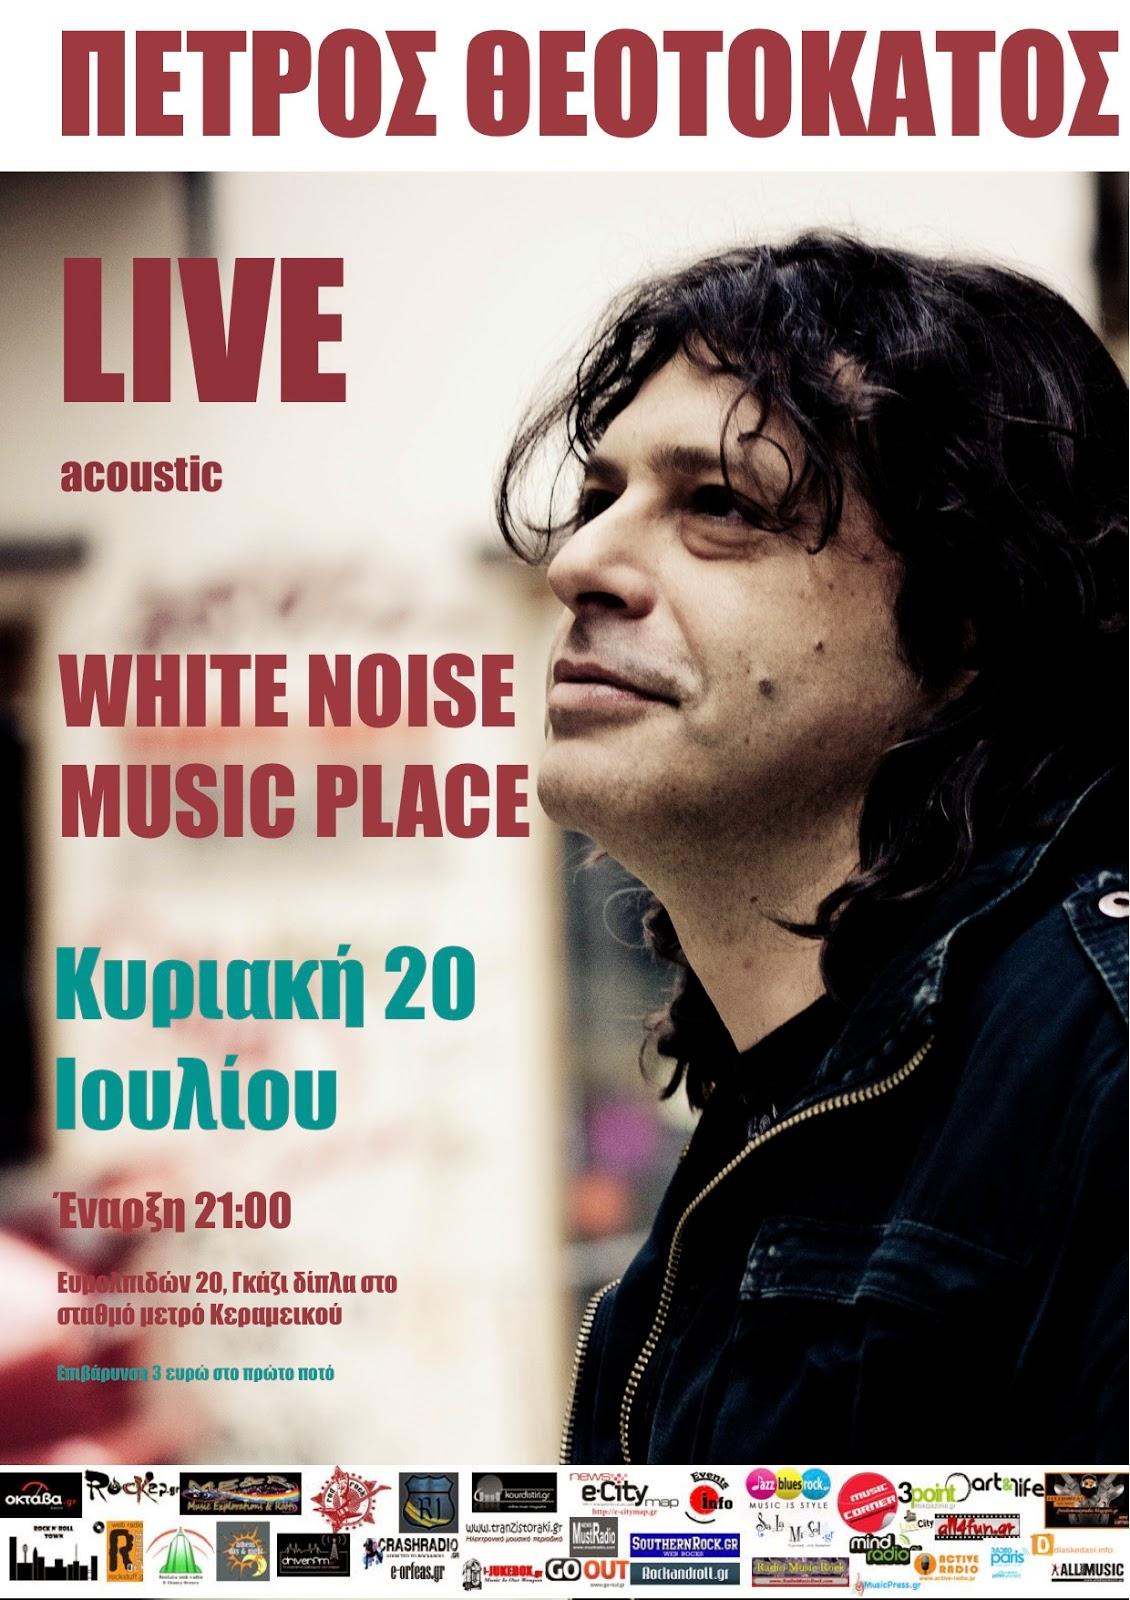 petros-theotokatos-acoustic-live-white-noise-gkazi